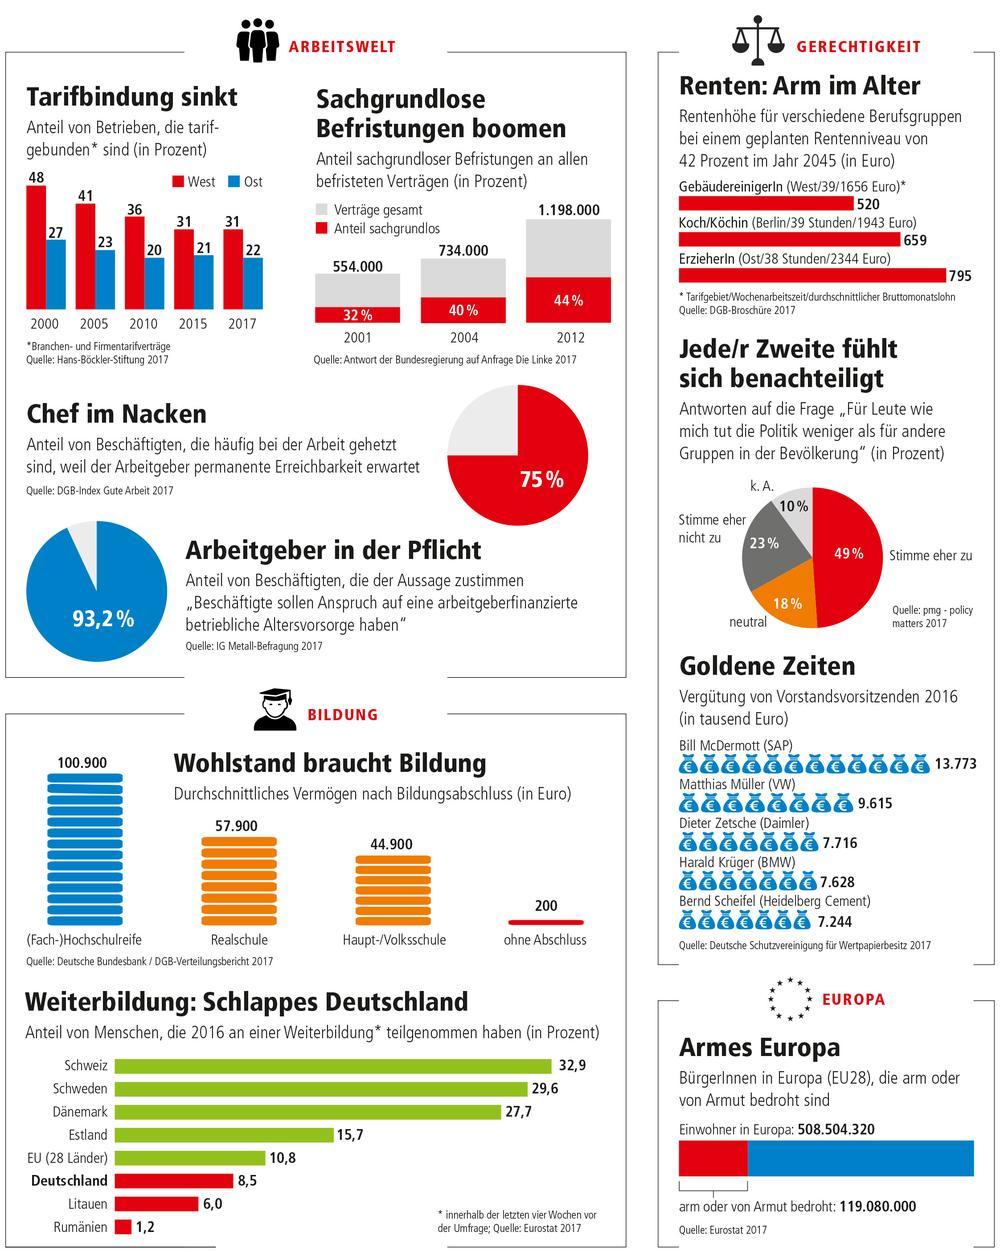 Grafiken zur sozialen Gerechtigkeit